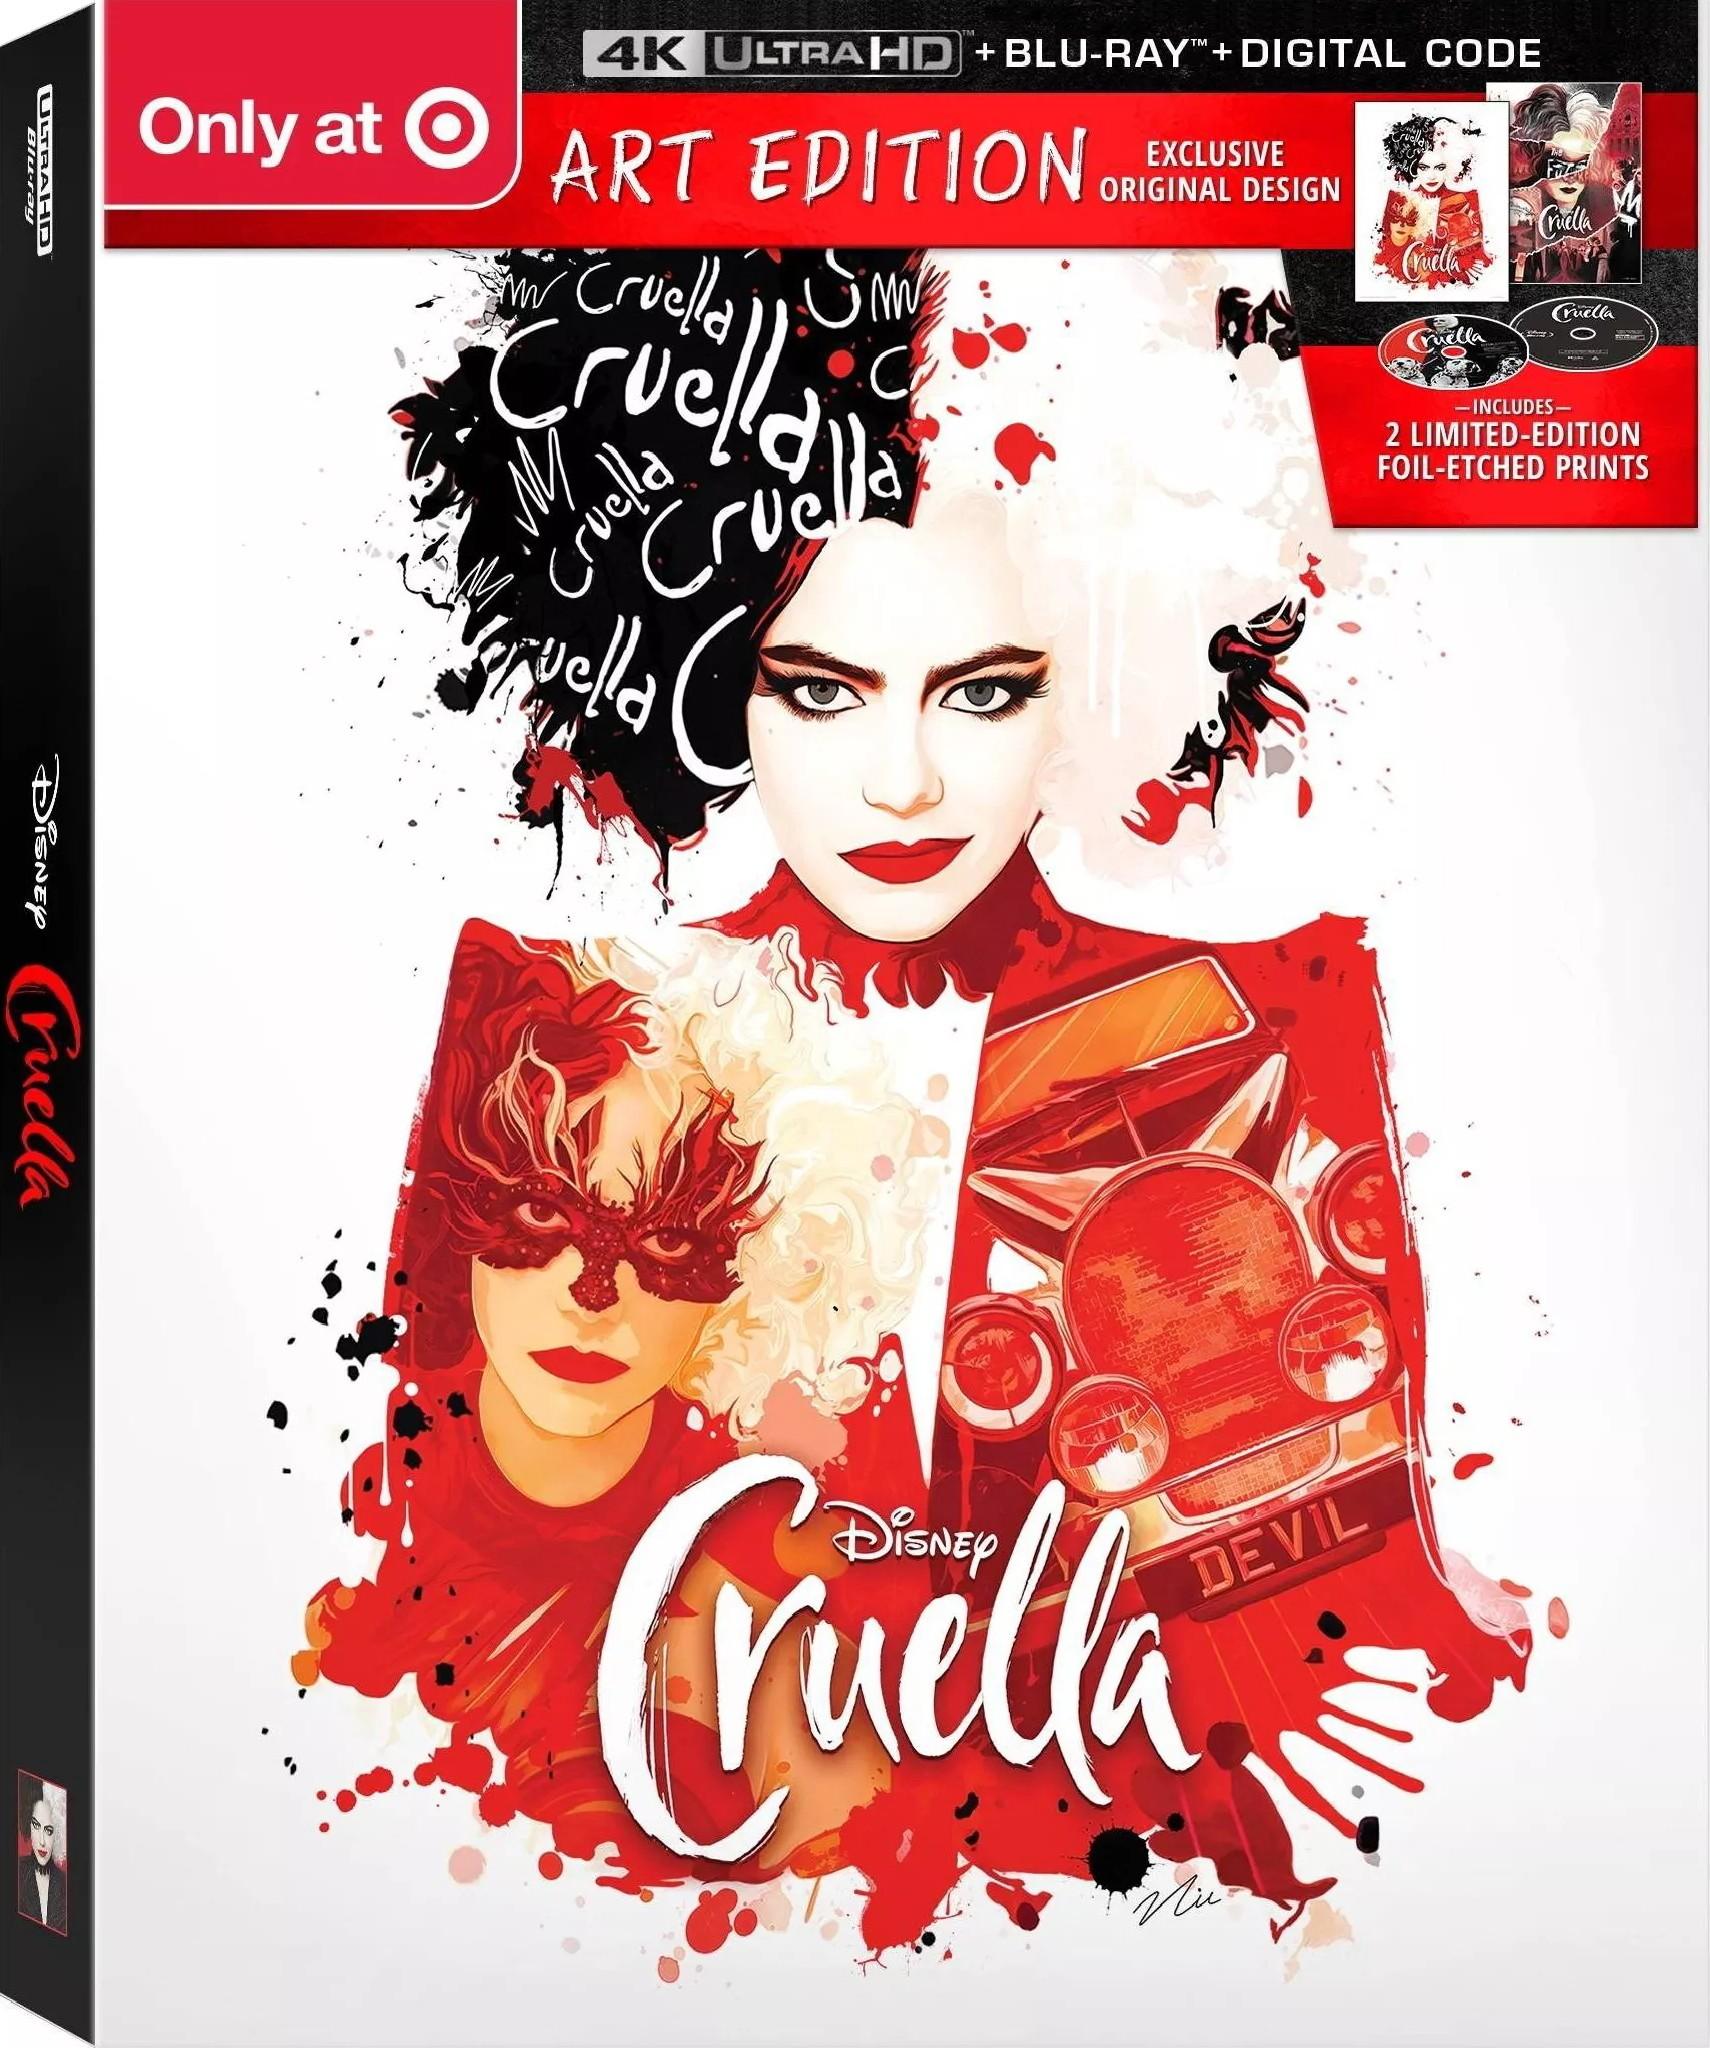 Cruella wydanie 4K UHD